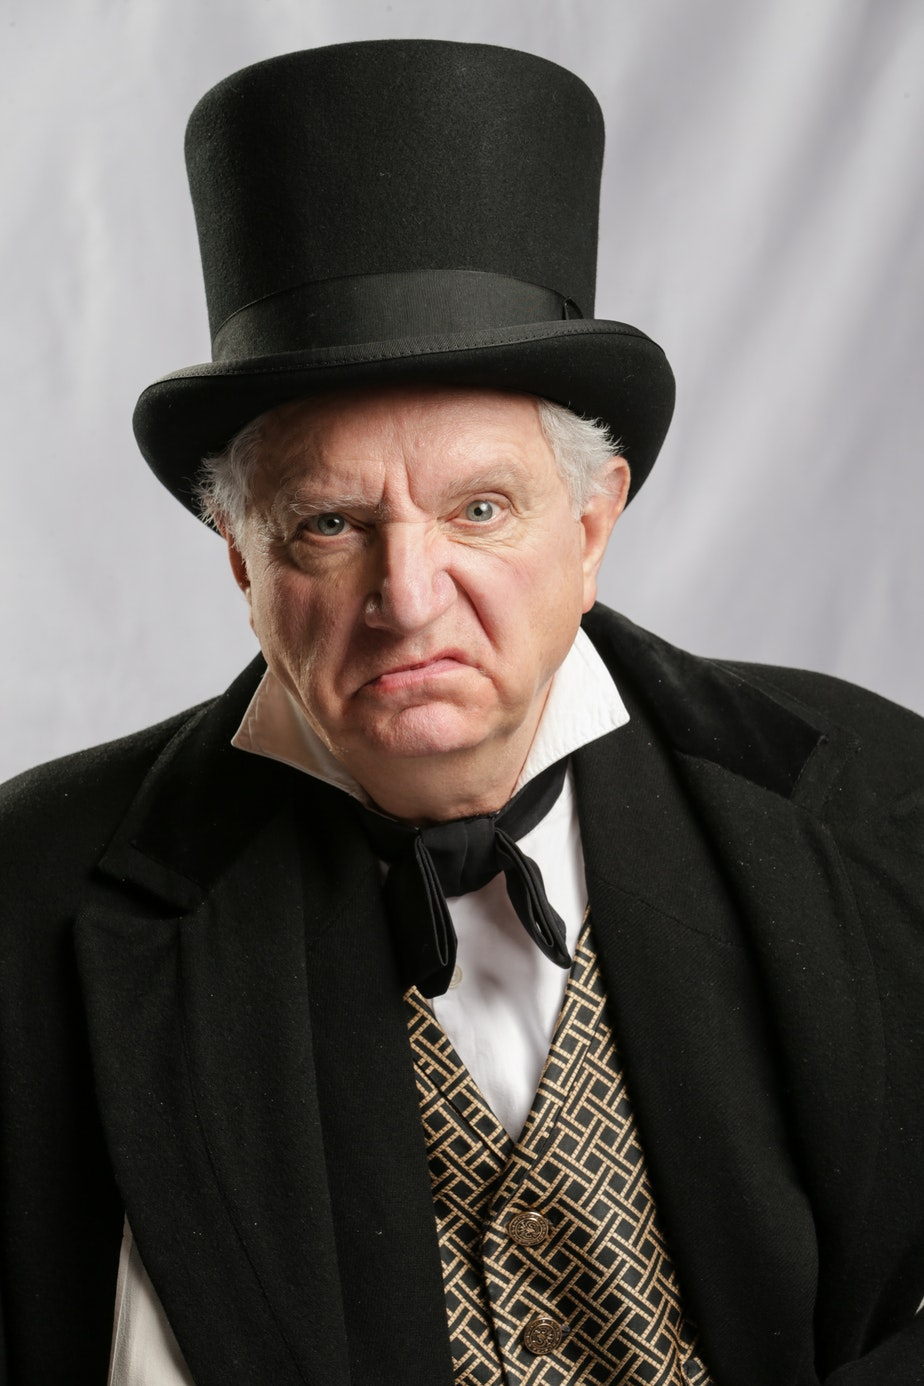 Former ACT Artistic Director Kurt Beattie in the role of Ebeneezer Scrooge